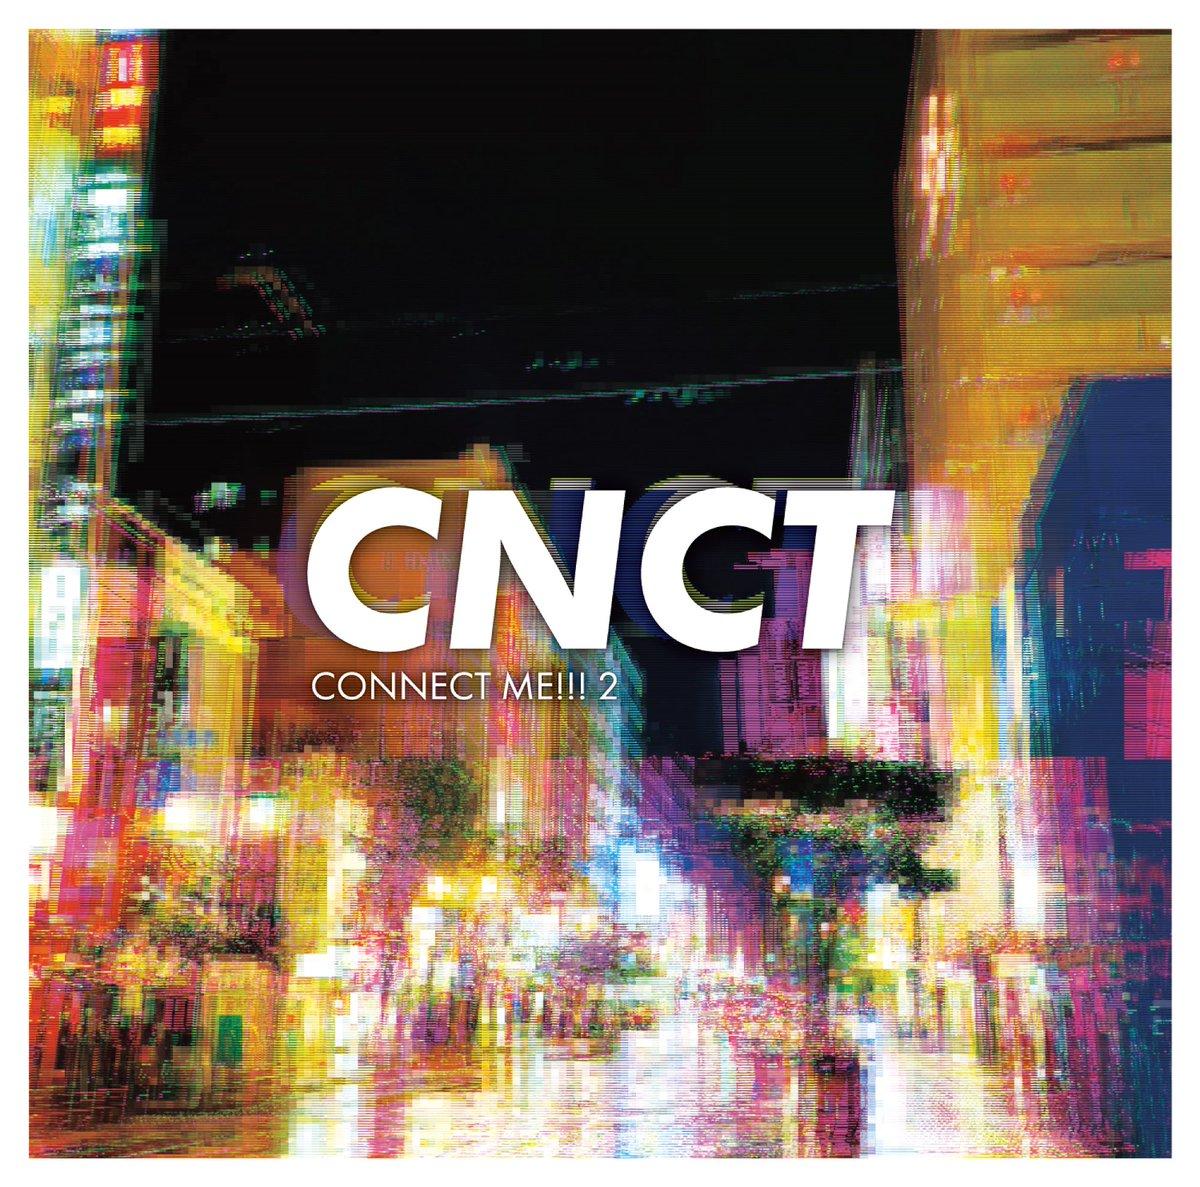 『D.watt feat. Ci [BOOGEY VOXX] - Never Run Away From Love』収録の『CONNECT ME!!! 2』ジャケット